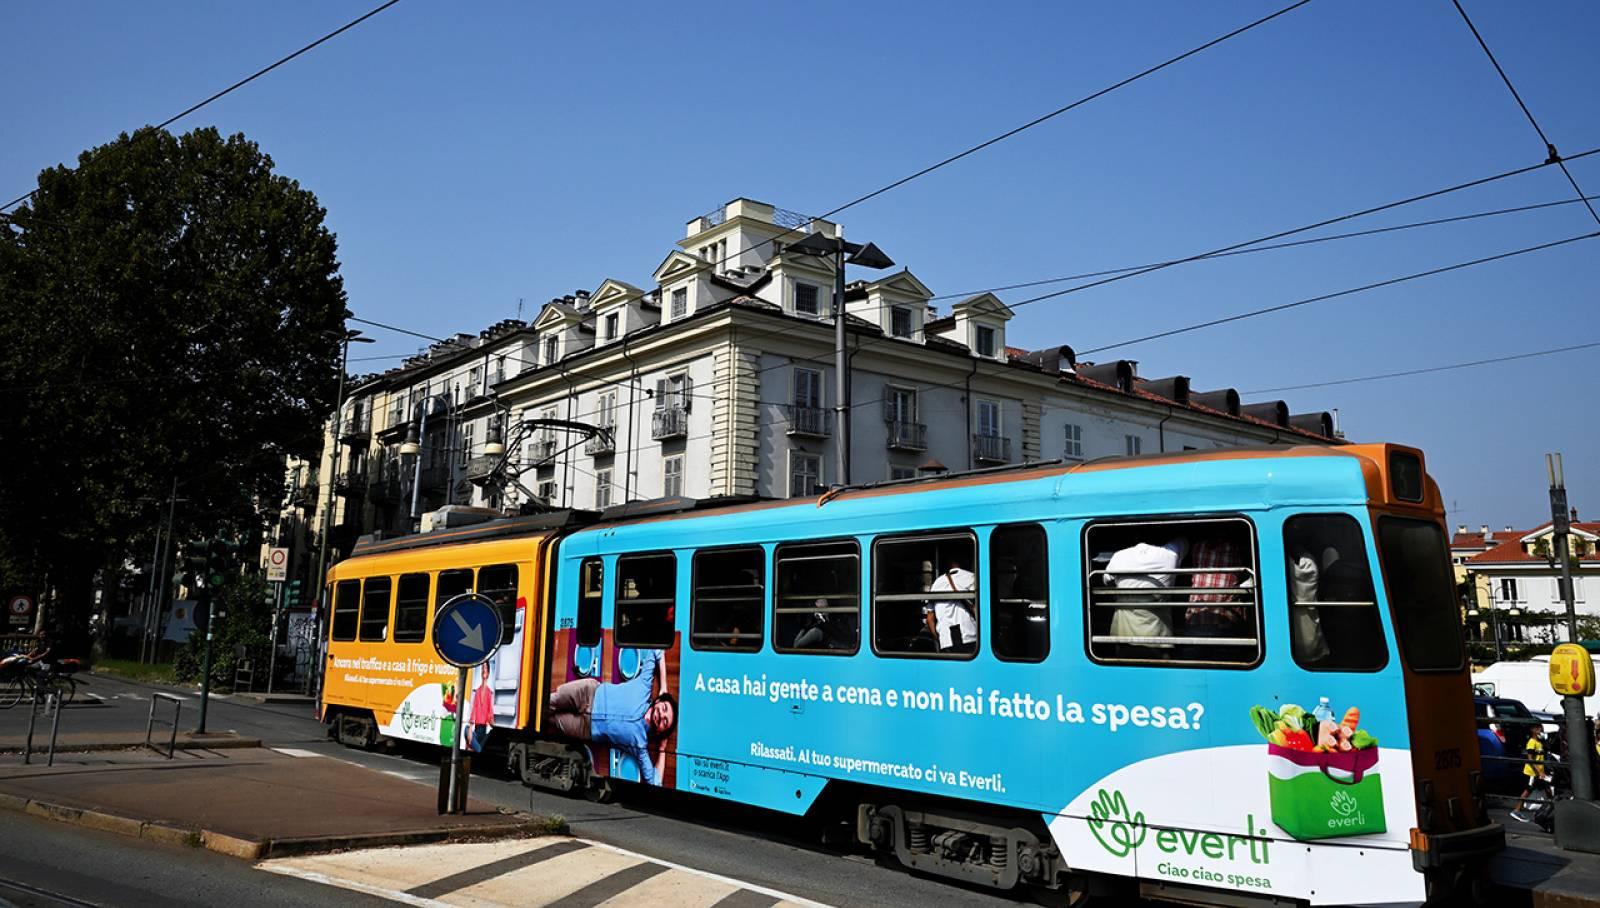 Pubblicità Out of Home a Torino IGPDecaux Full-Wrap per Everli